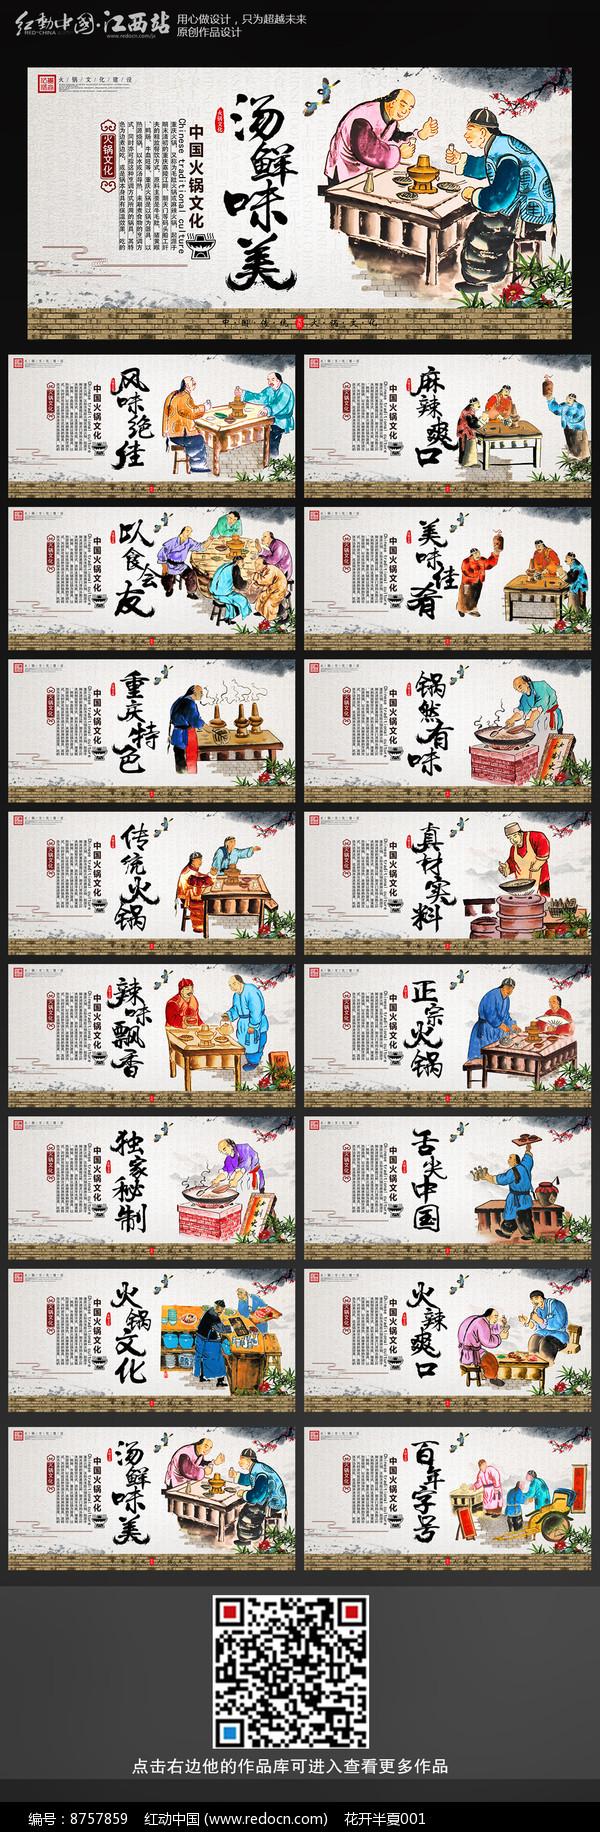 时尚传统火锅文化宣传展板图片